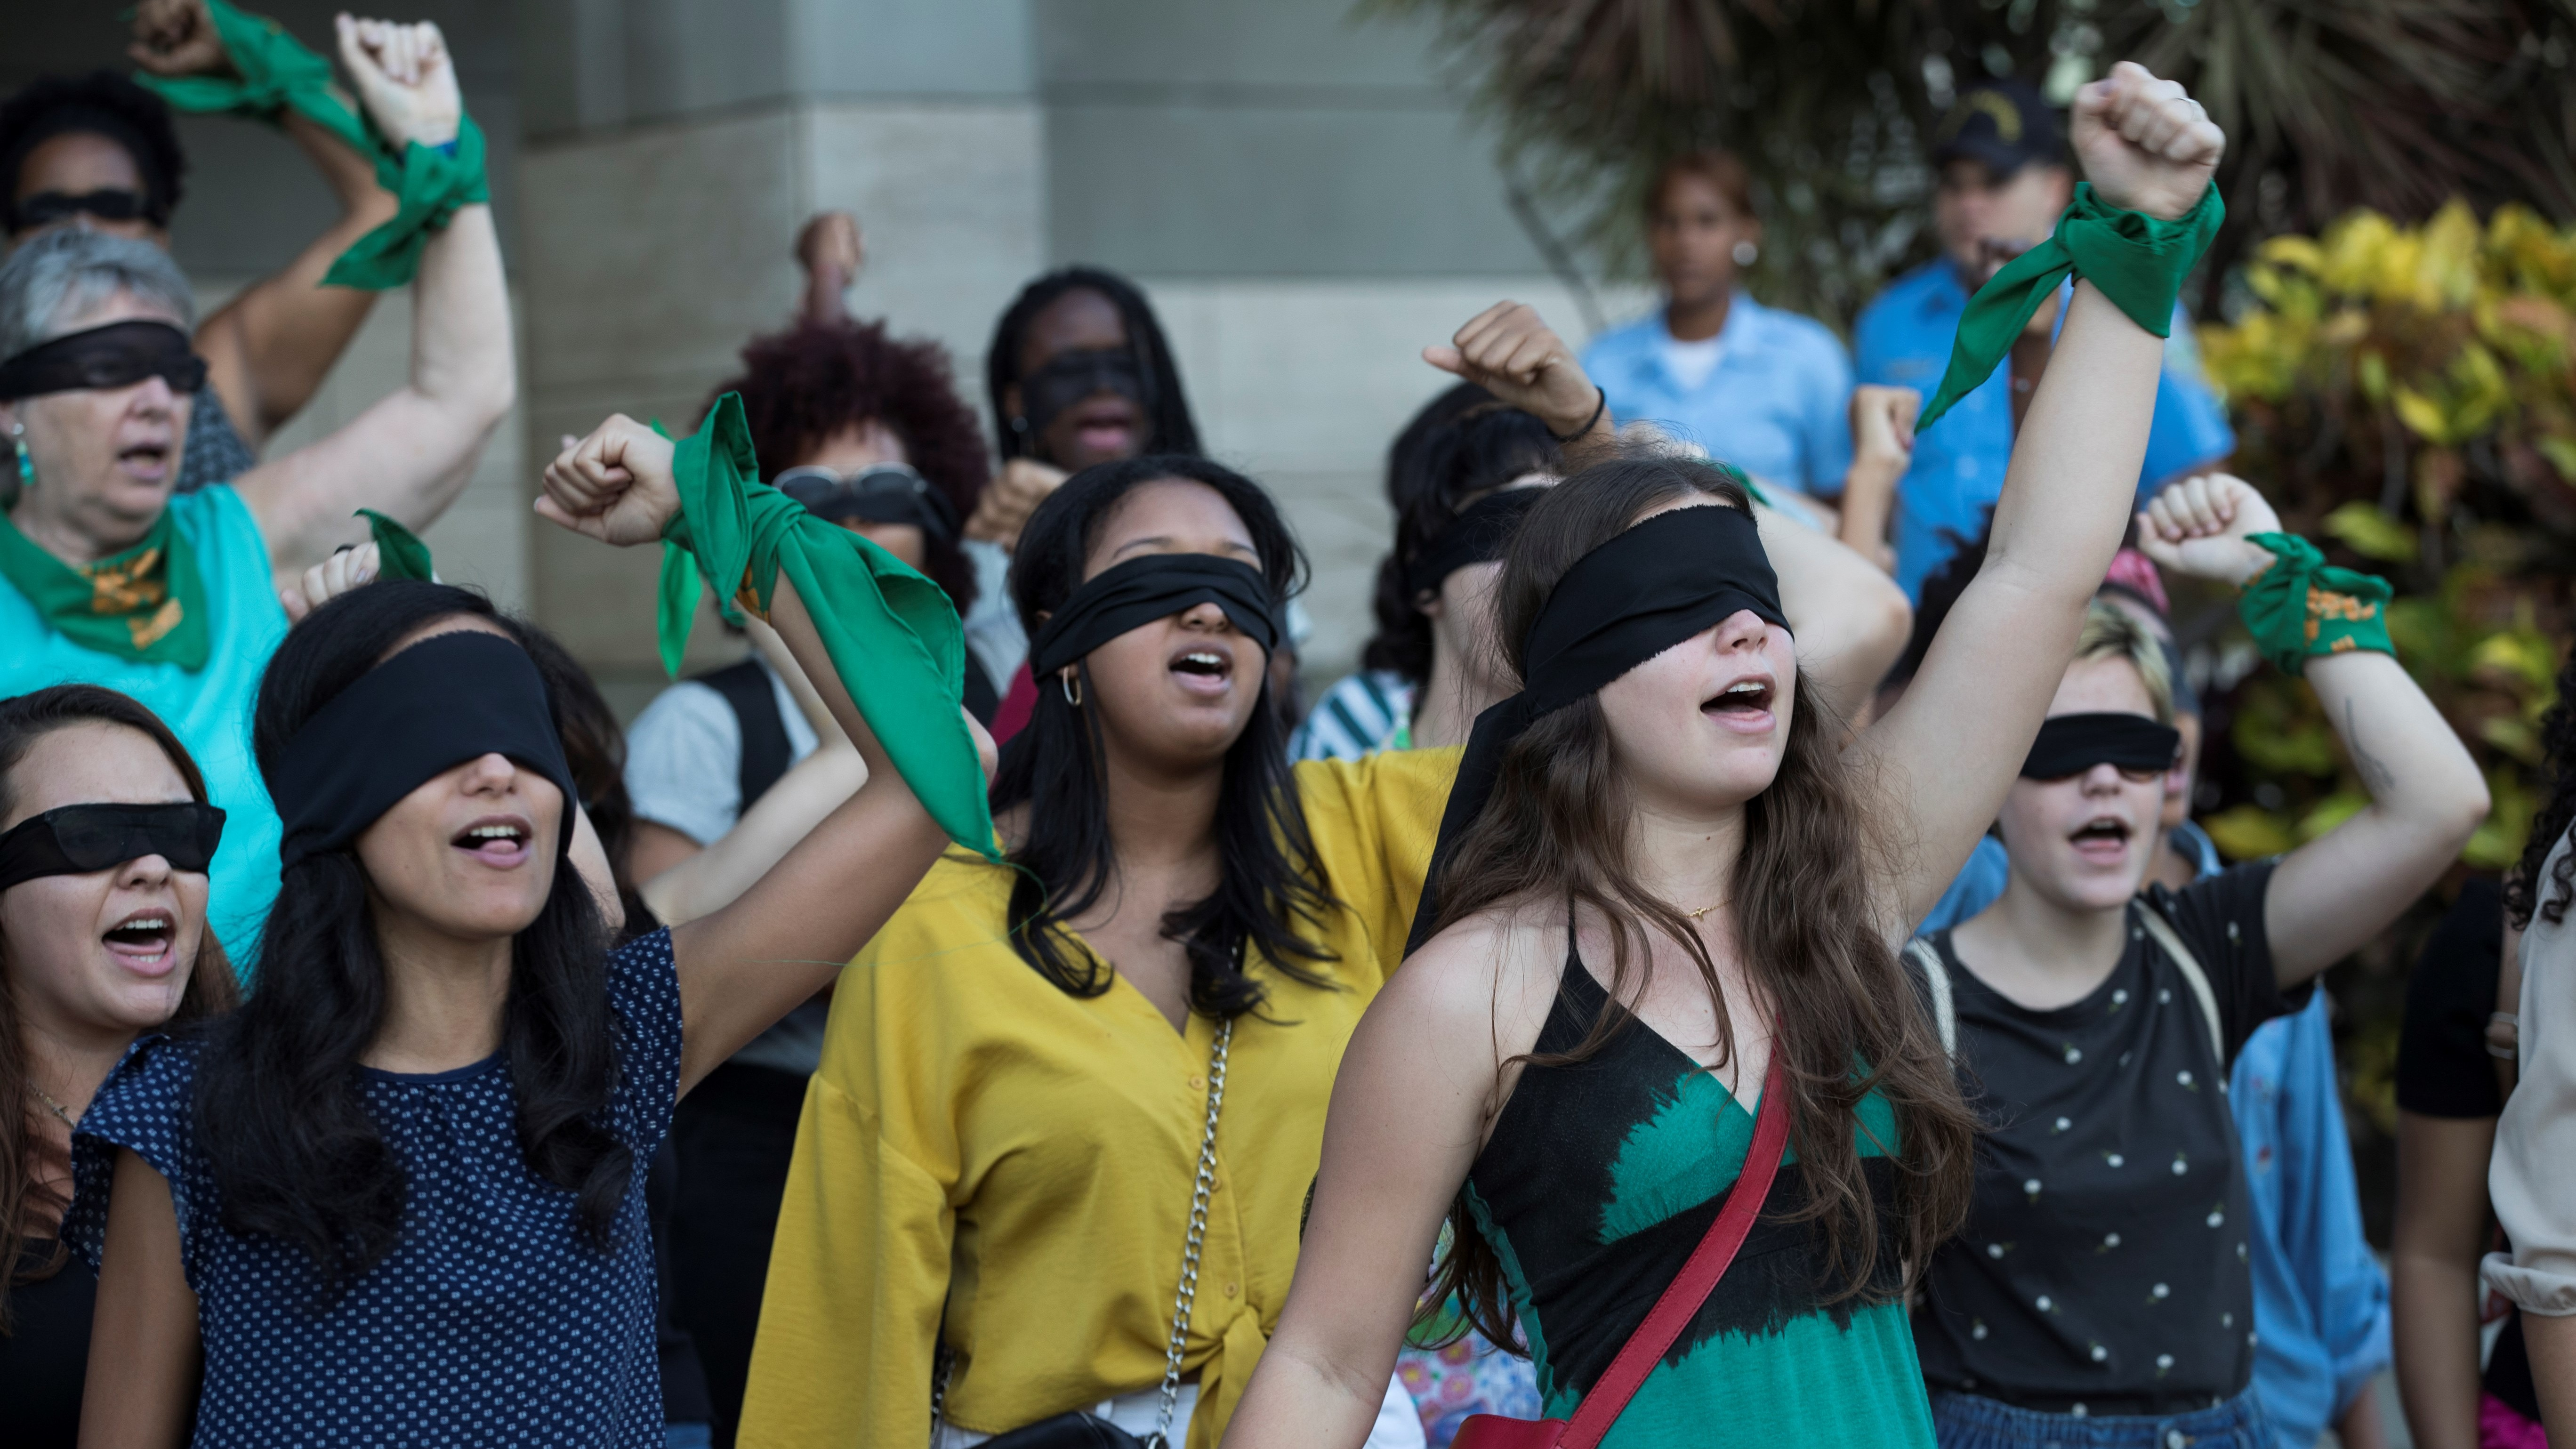 El acto iniciado en Chile ha dado la vuelta al mundo con presentaciones similares en varios países.